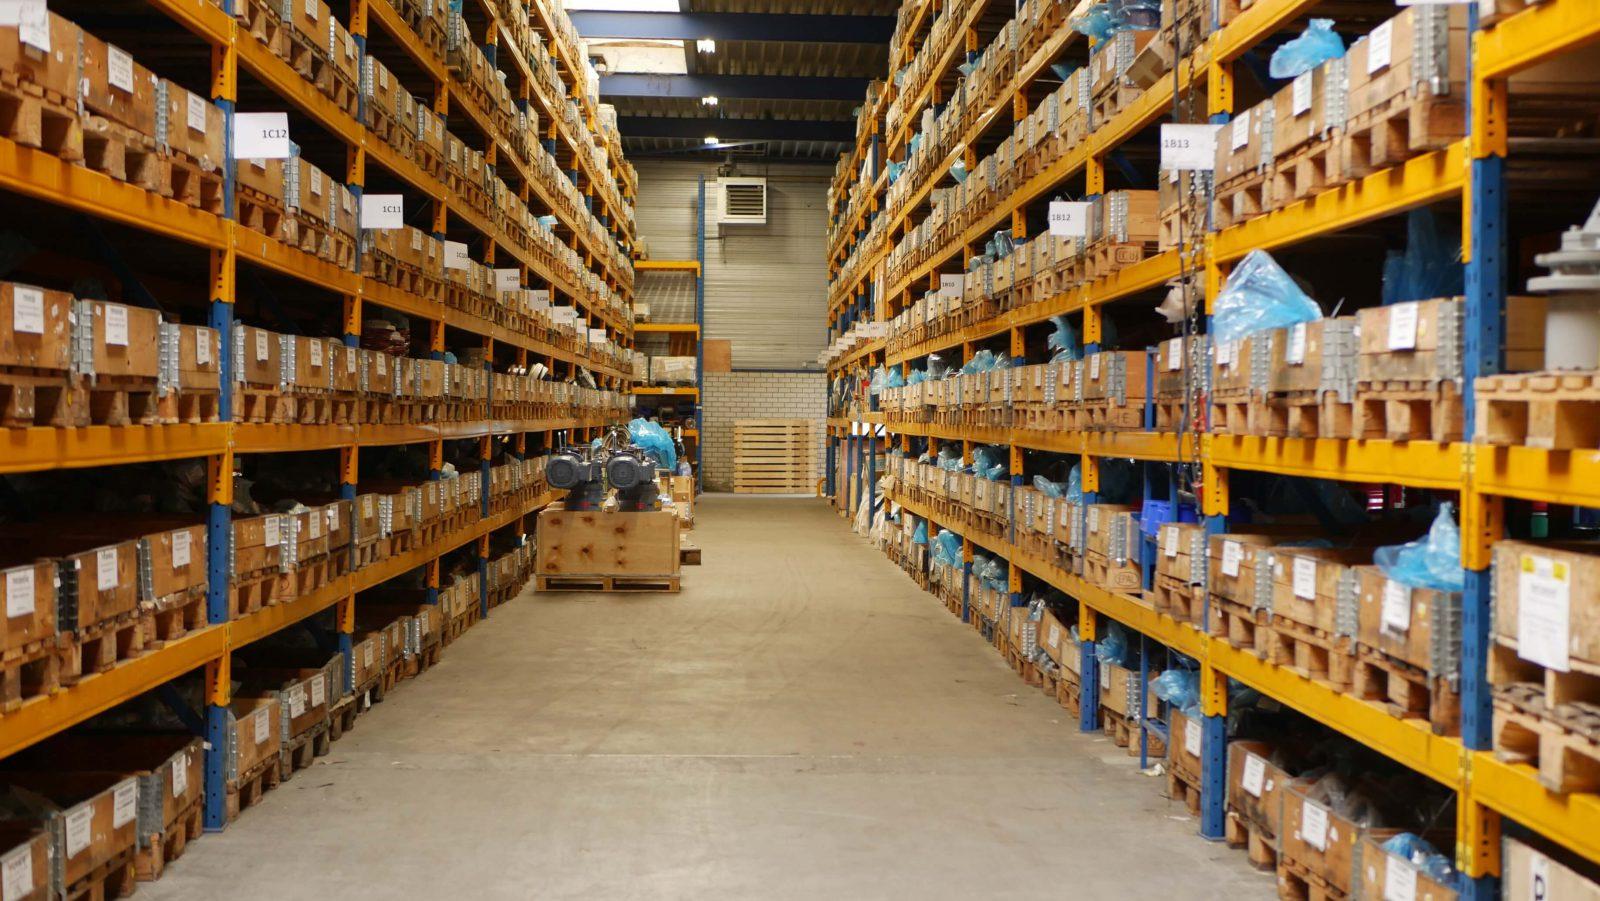 Vacature logistiek / magazijn medewerker